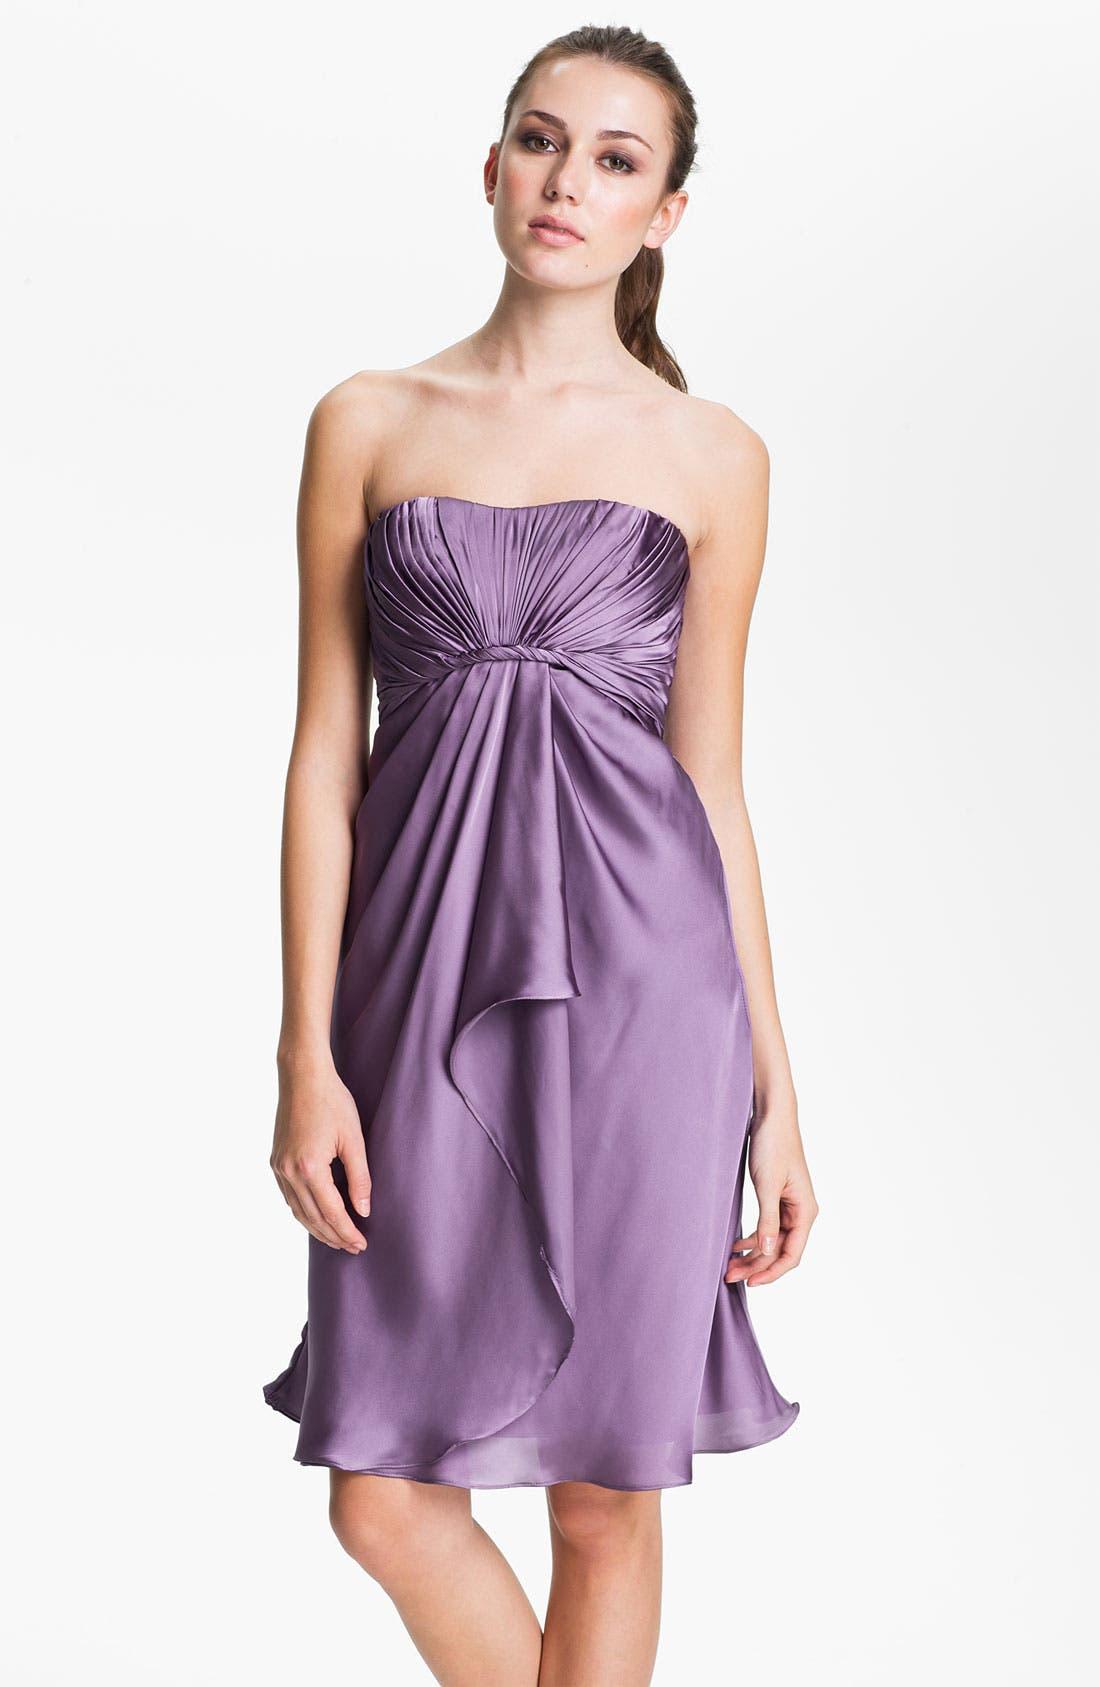 Main Image - ML Monique Lhuillier Bridesmaids Strapless Drape Detail Charmeuse Dress (Nordstrom Exclusive)